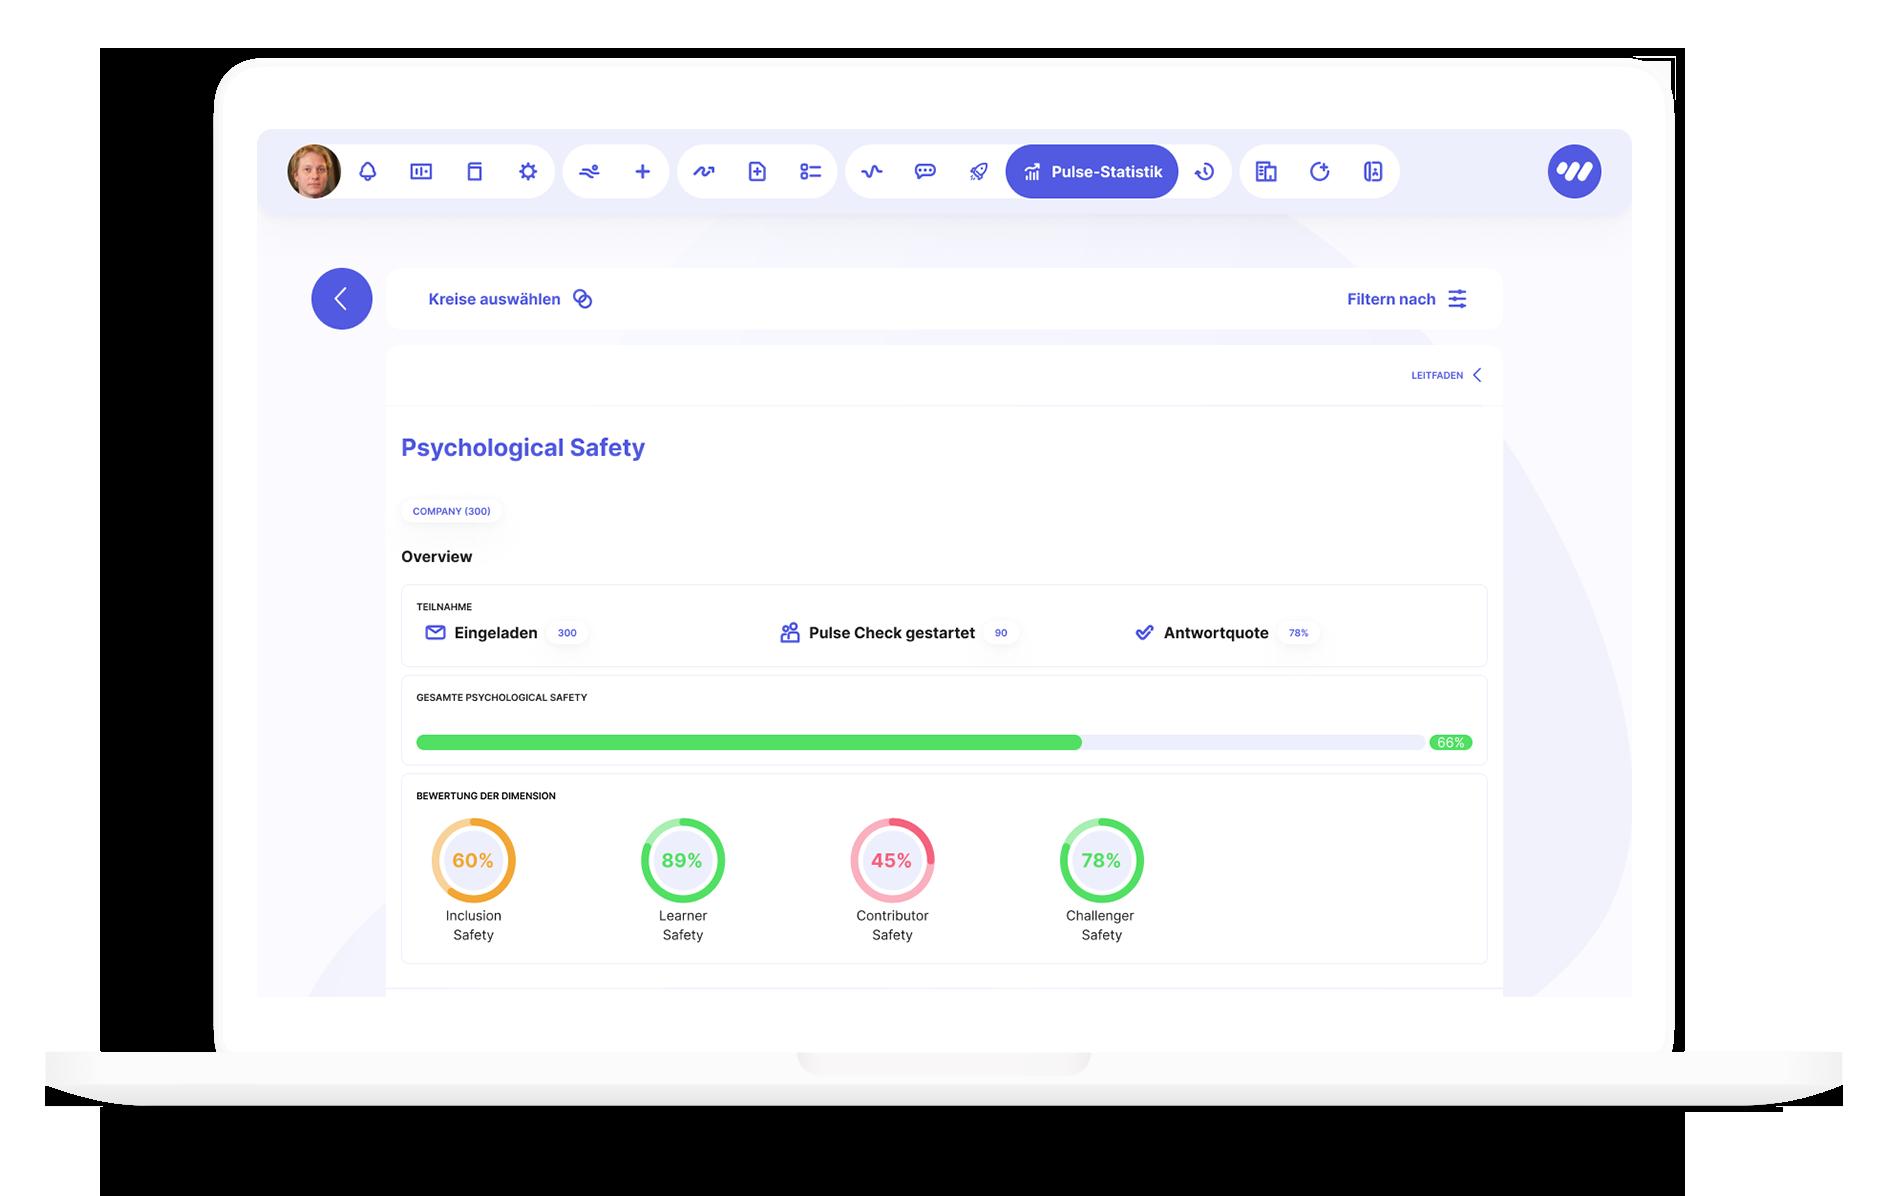 Dashboard mit Ergebnissen zu Inclusion, Learner, Contributor und Challenger Safety.